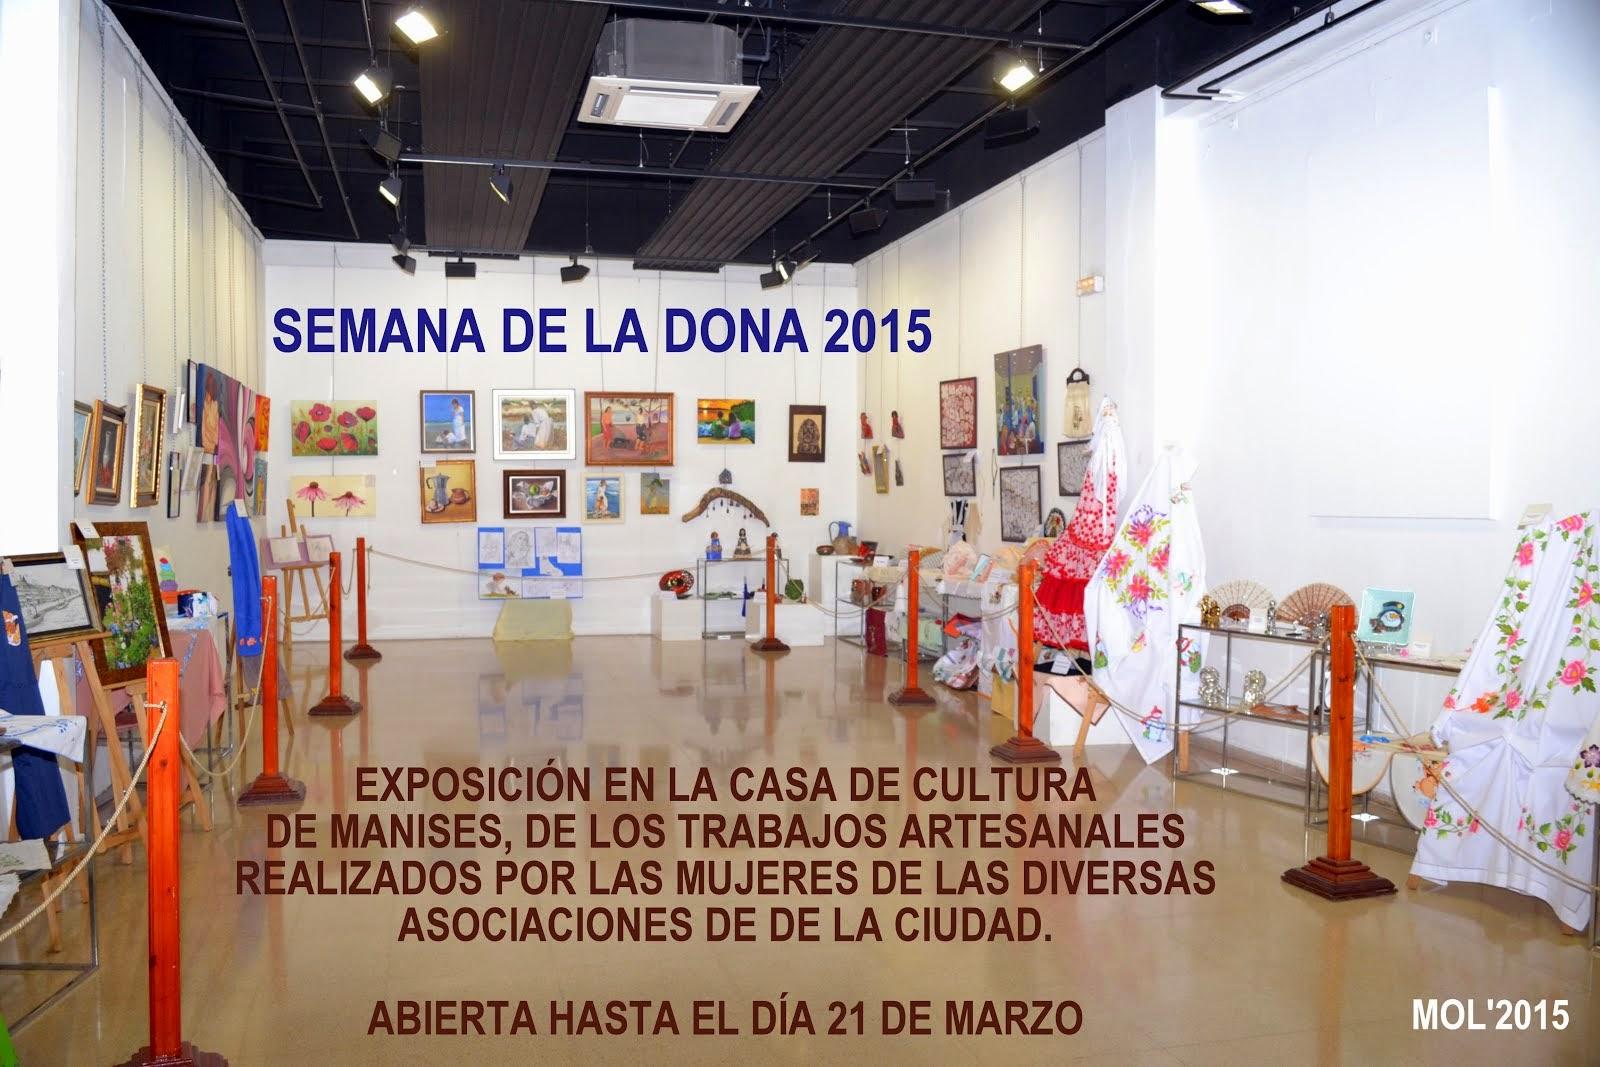 EXPOSICIÓN CON  MOTIVO DEL DIA DE LA DONA EN LA CASA DE CULTURA DE MANISES